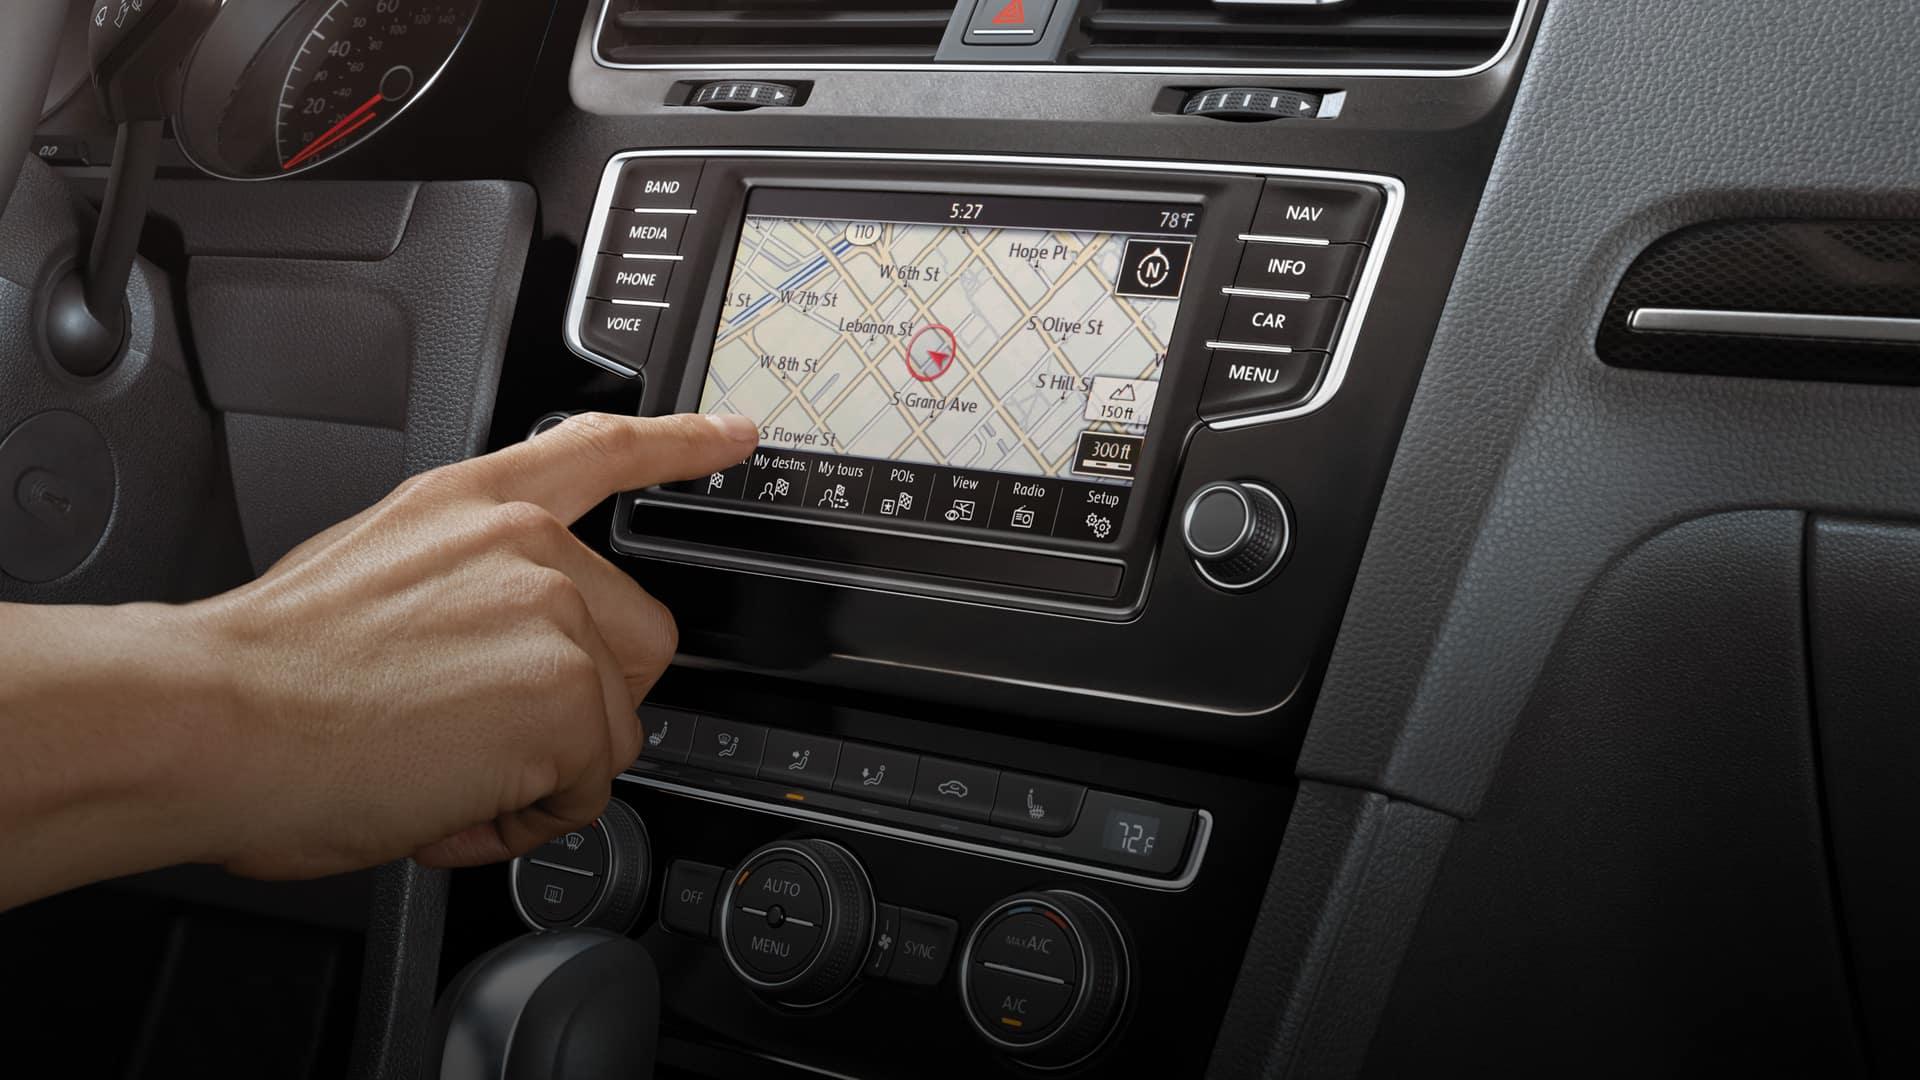 Discover Media Touchscreen